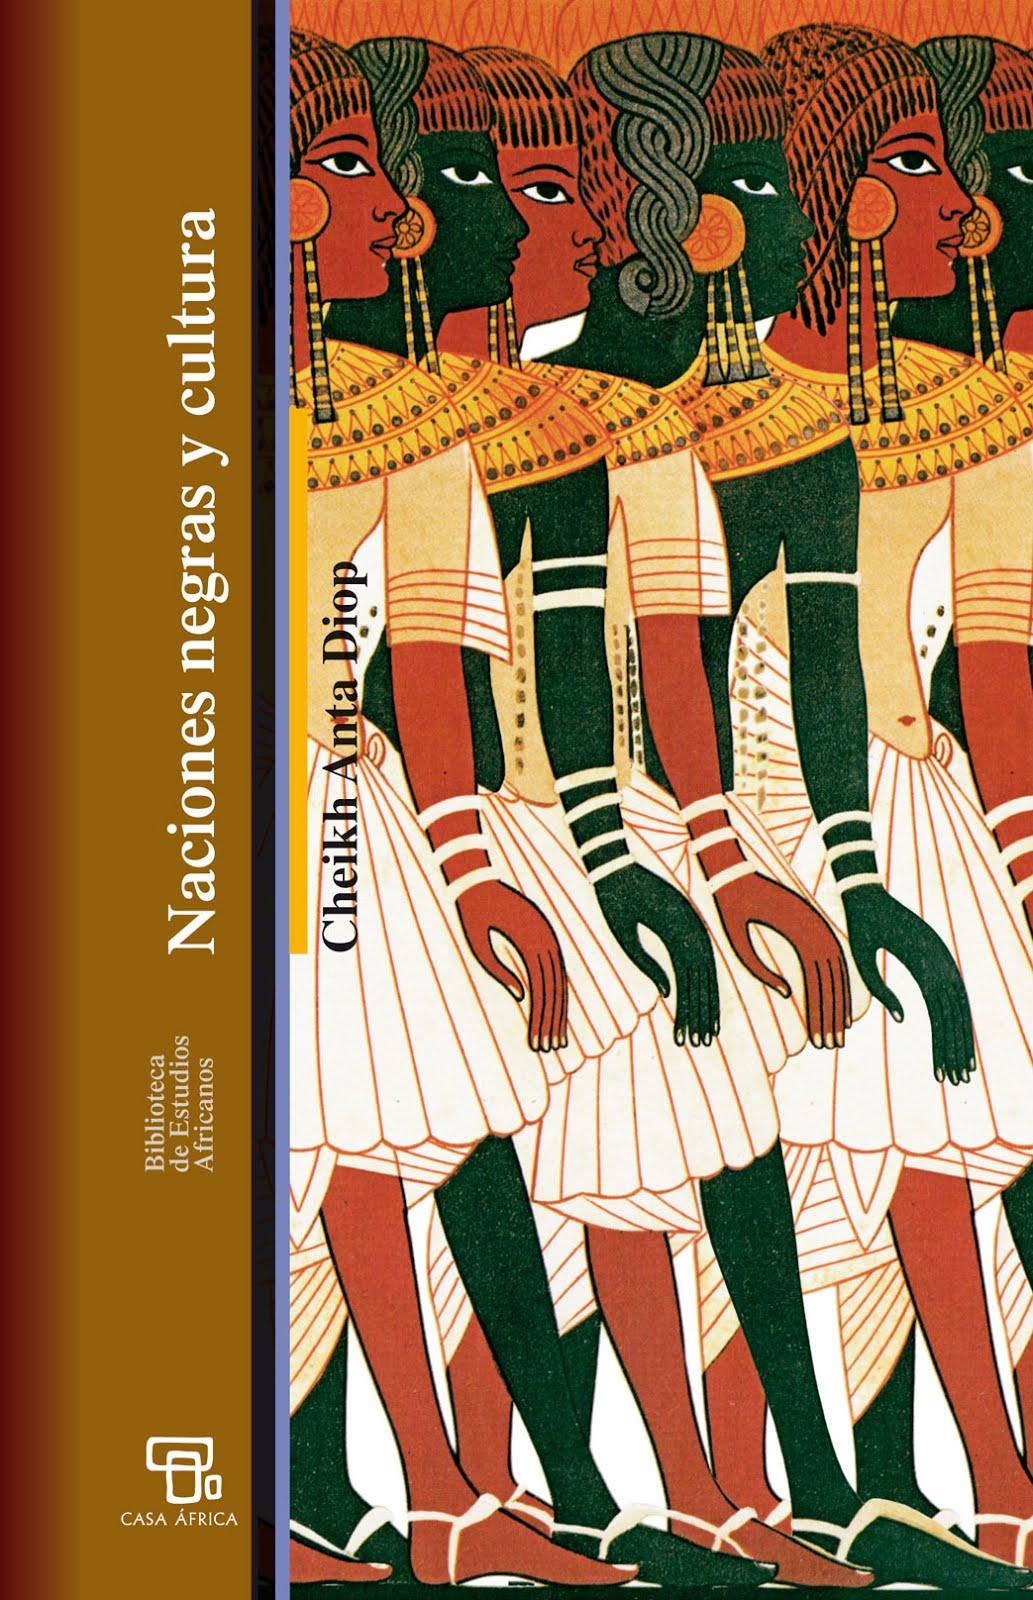 Literatura Africana y sus Autores